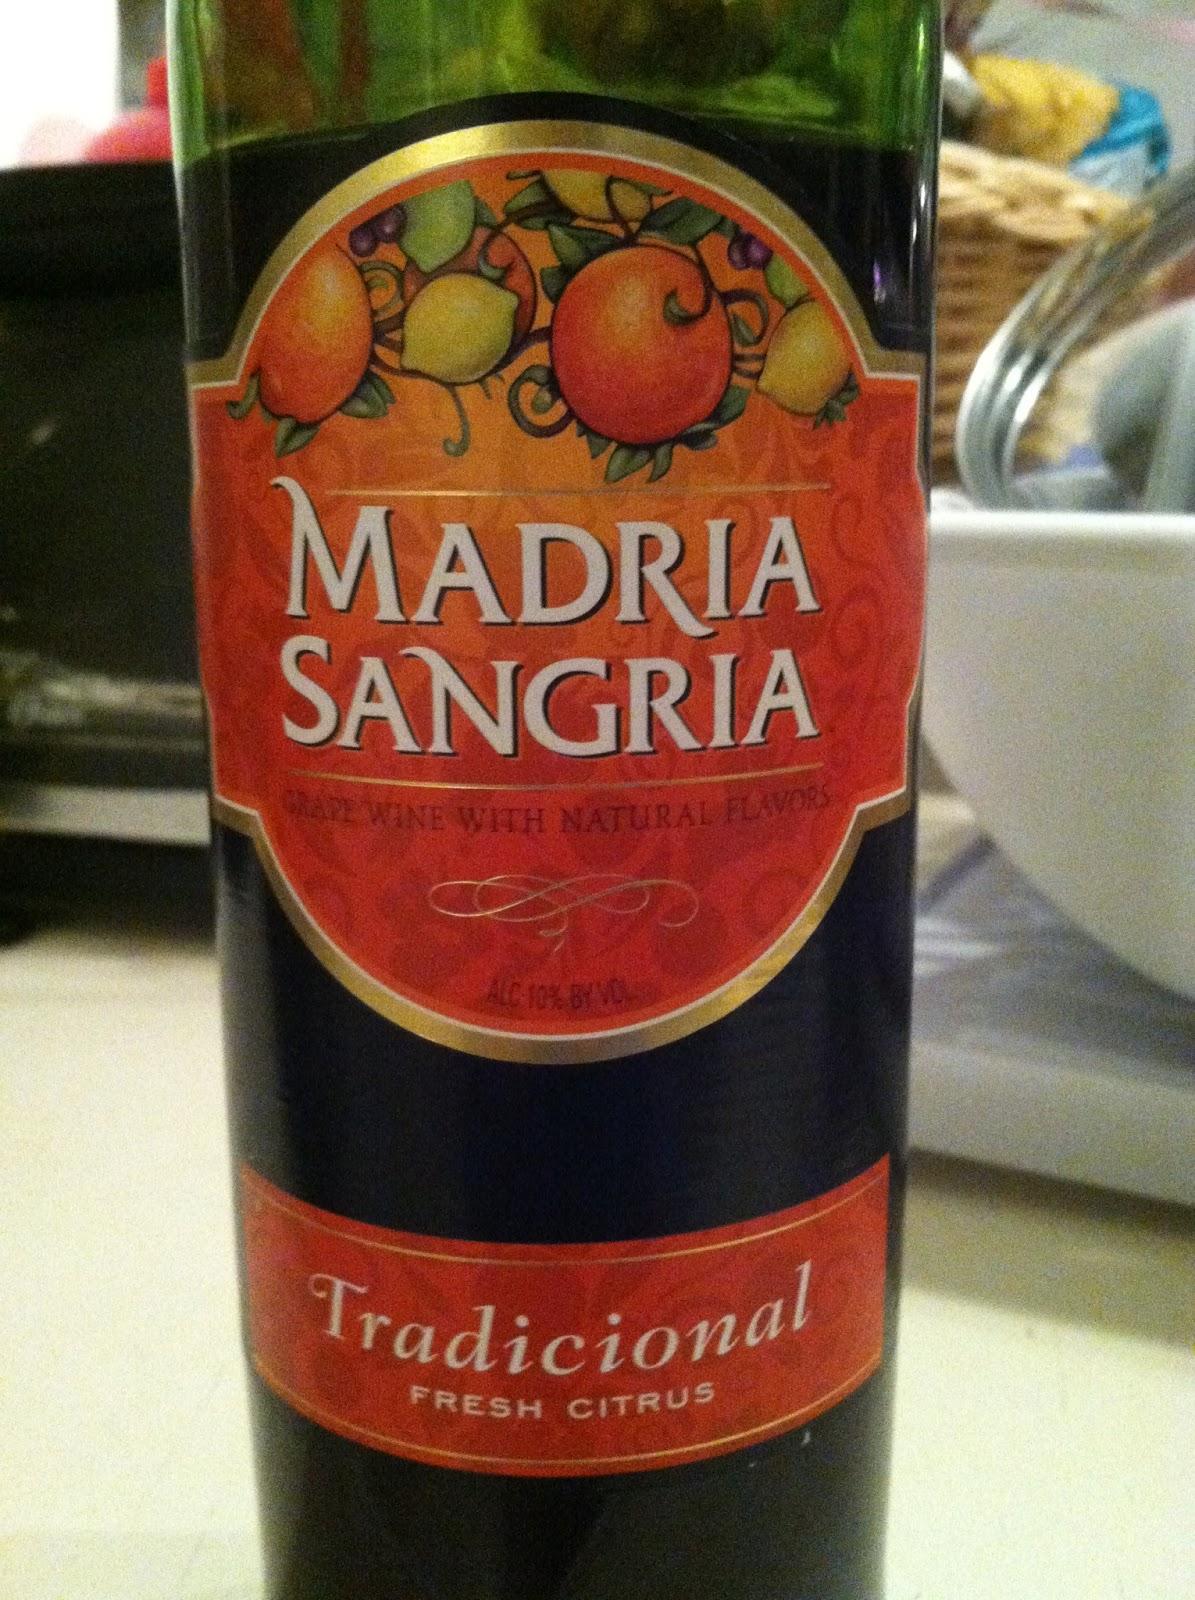 Madria Sangria - Home